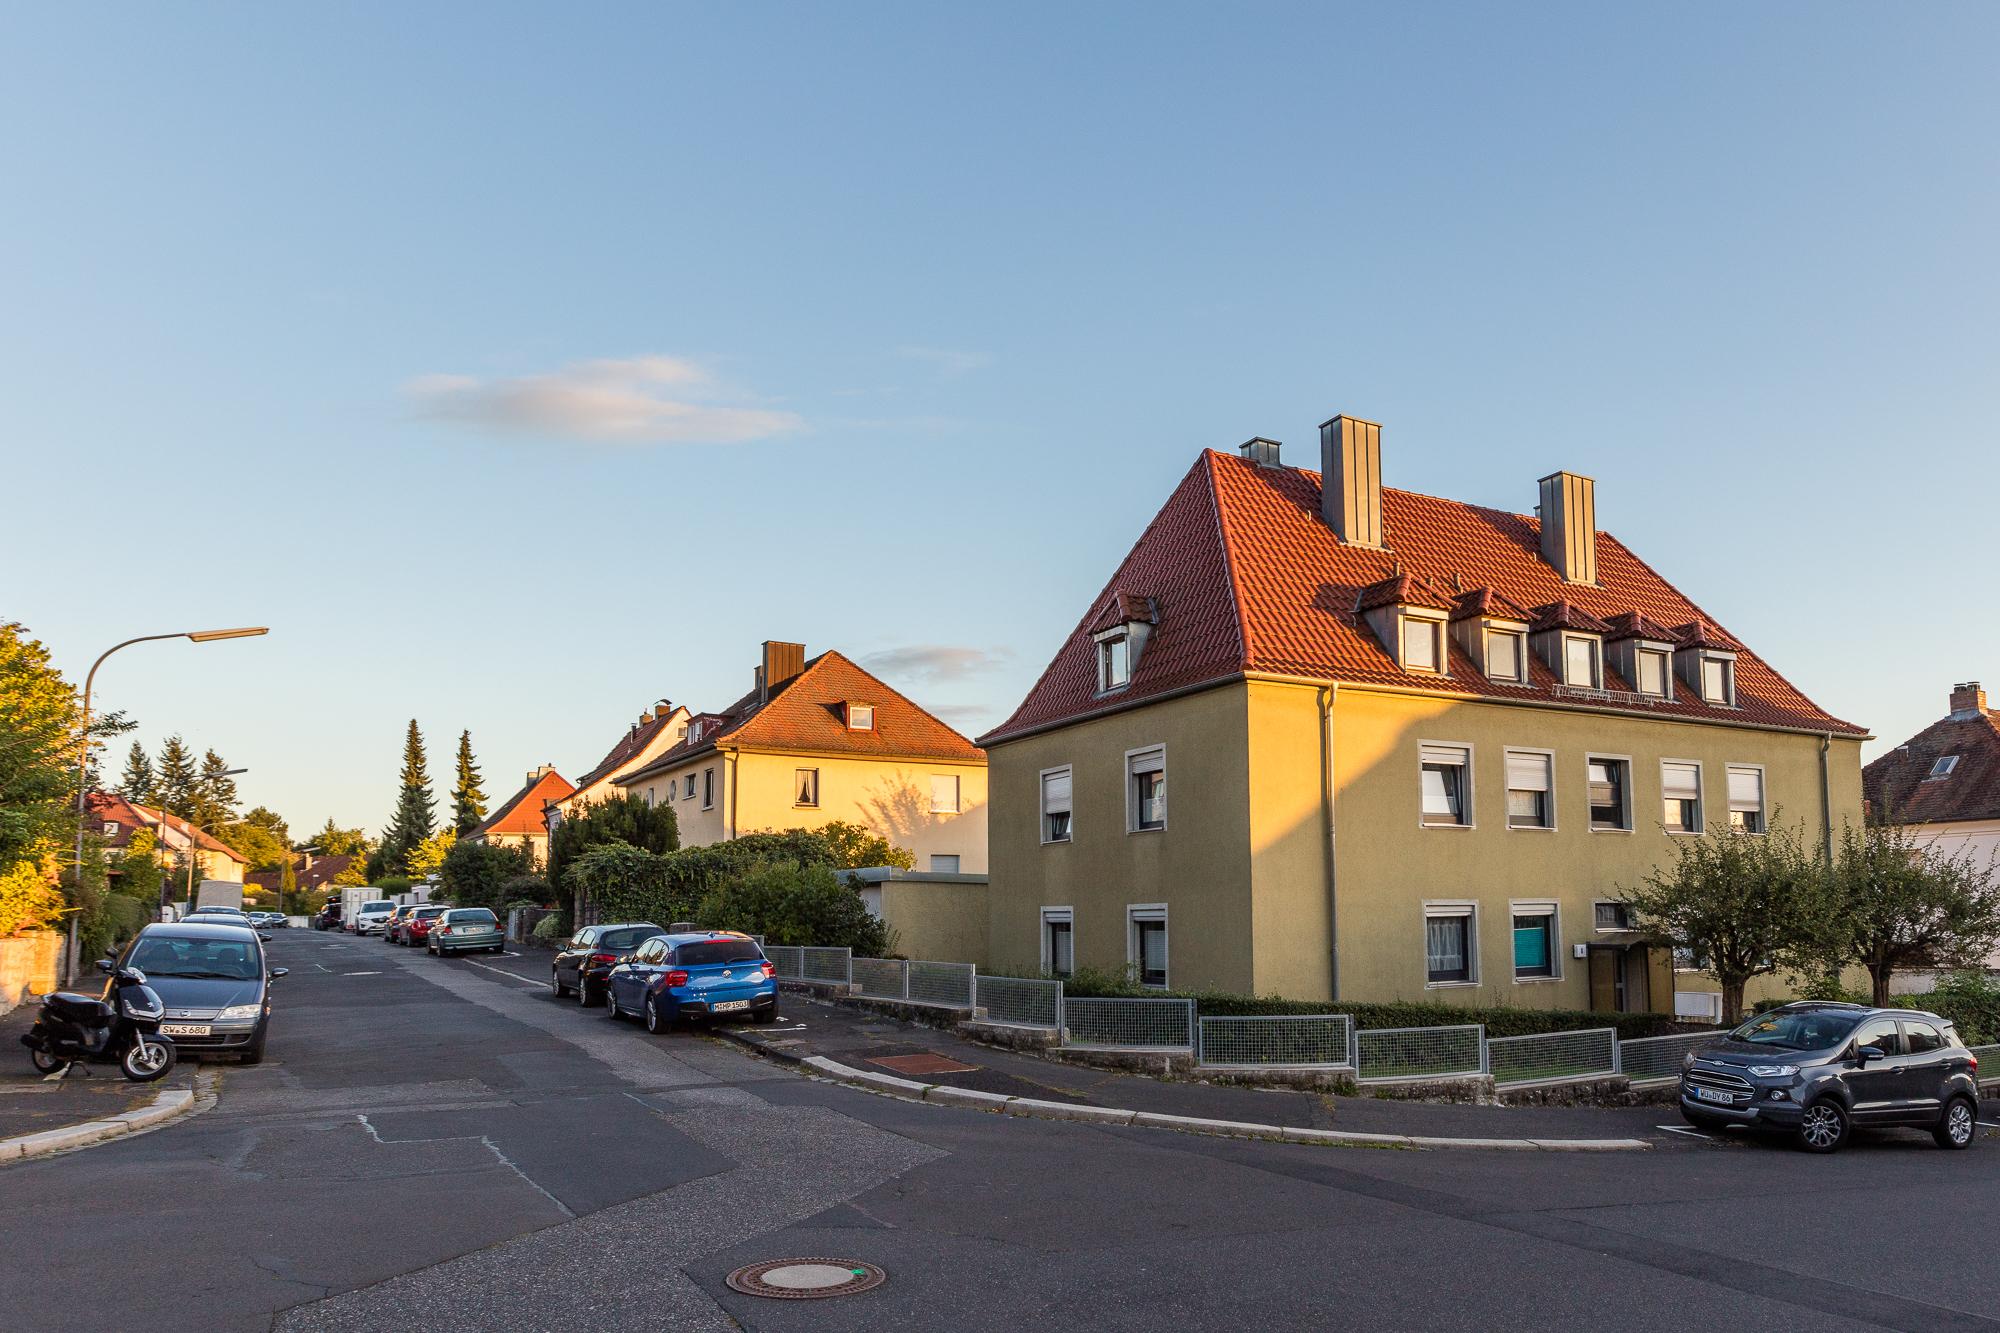 Frauenland_klein-18